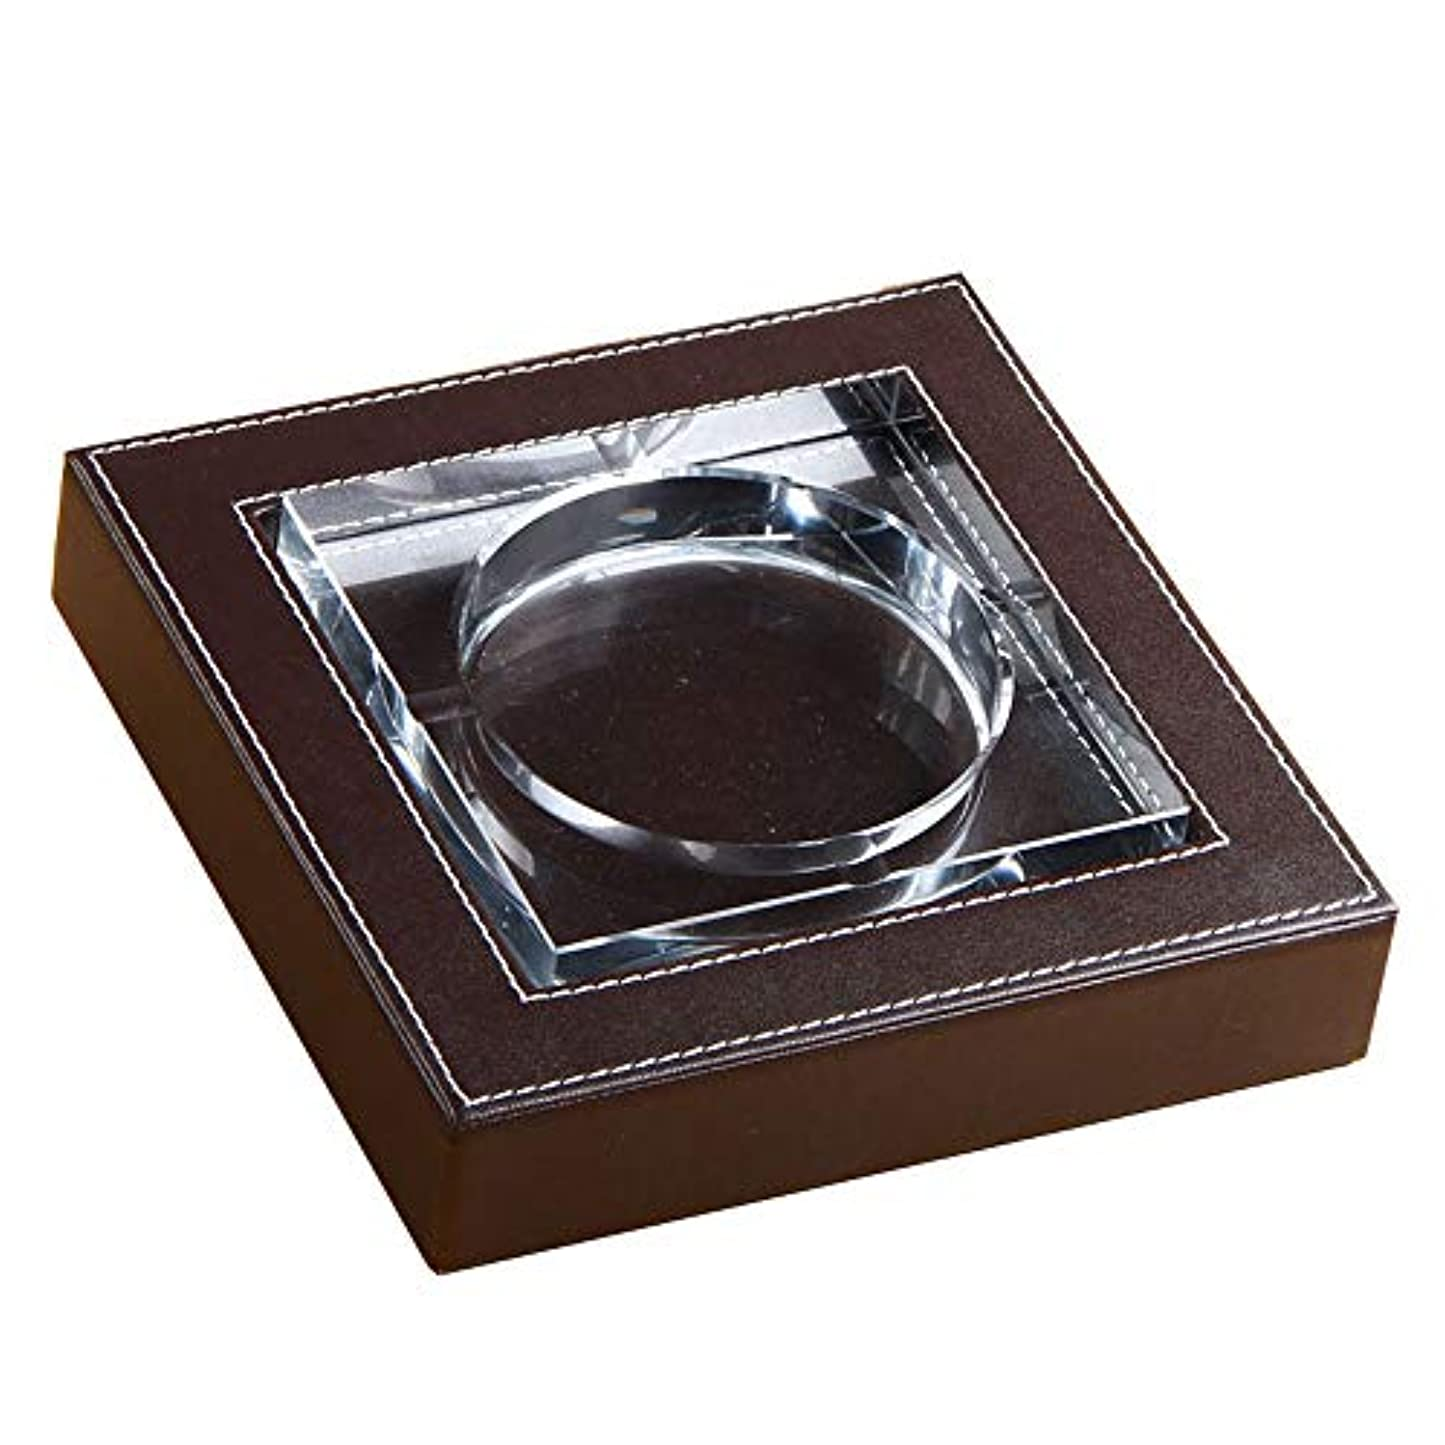 リング定期的丁寧屋内でクリスタル屋外喫煙者のための灰皿灰皿ホルダー、ホームオフィスの装飾のためのデスクトップの喫煙灰皿 (Size : S)